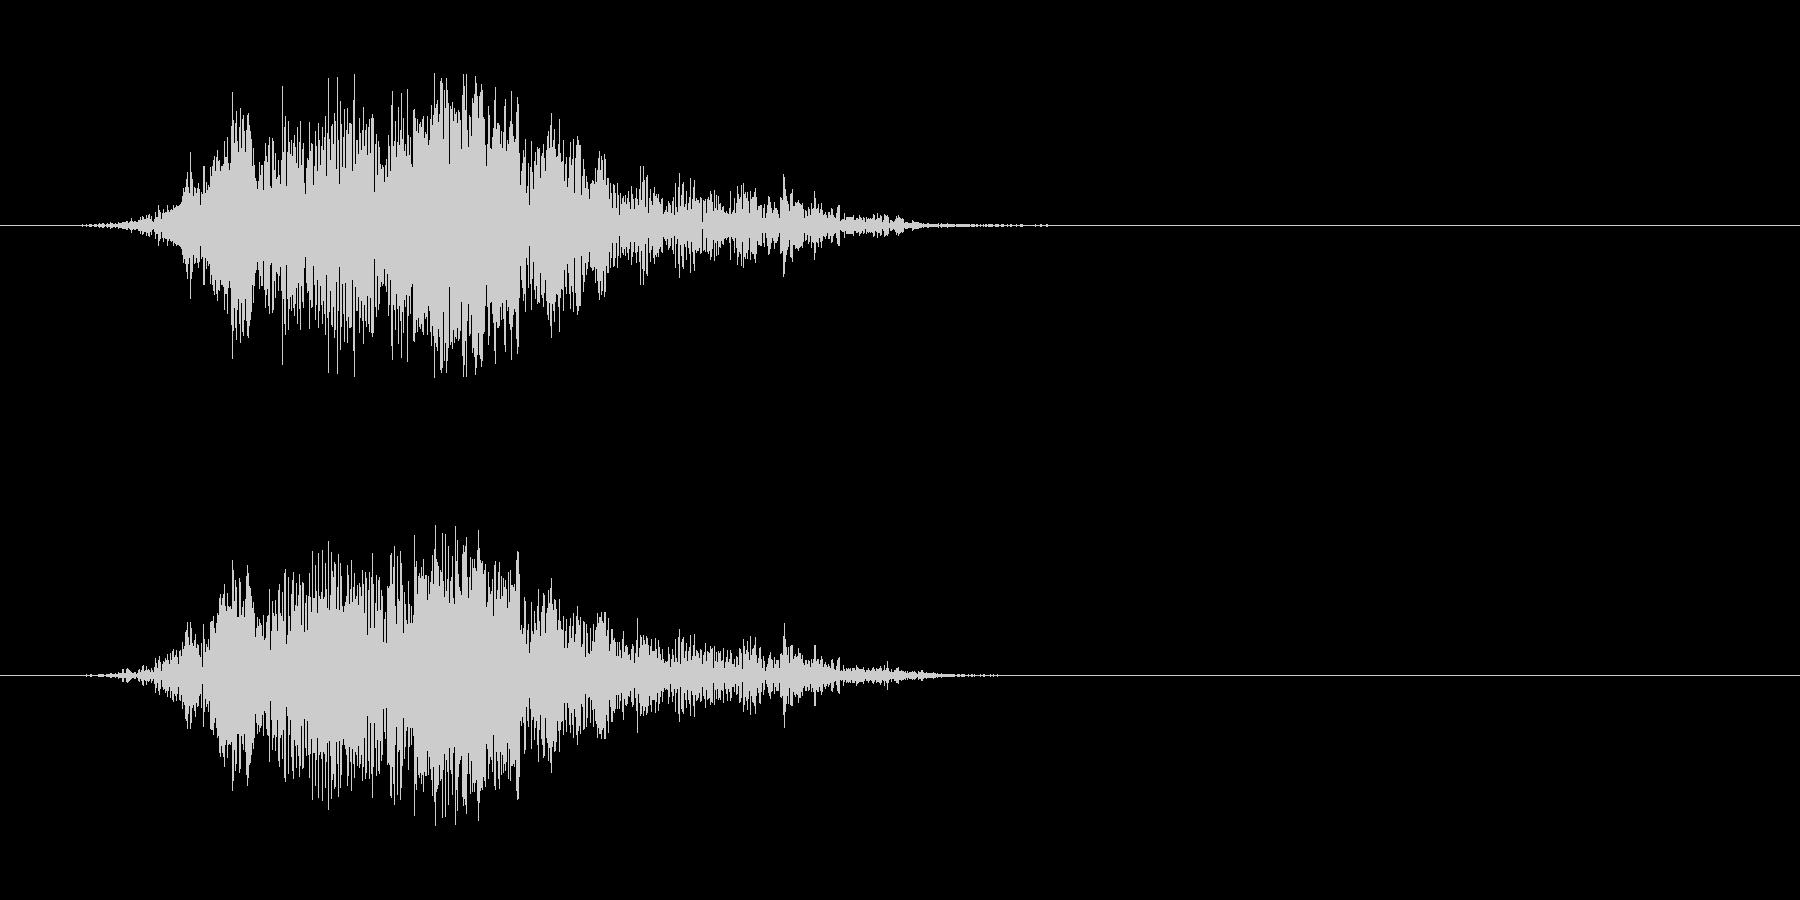 モンスターの発声 6の未再生の波形